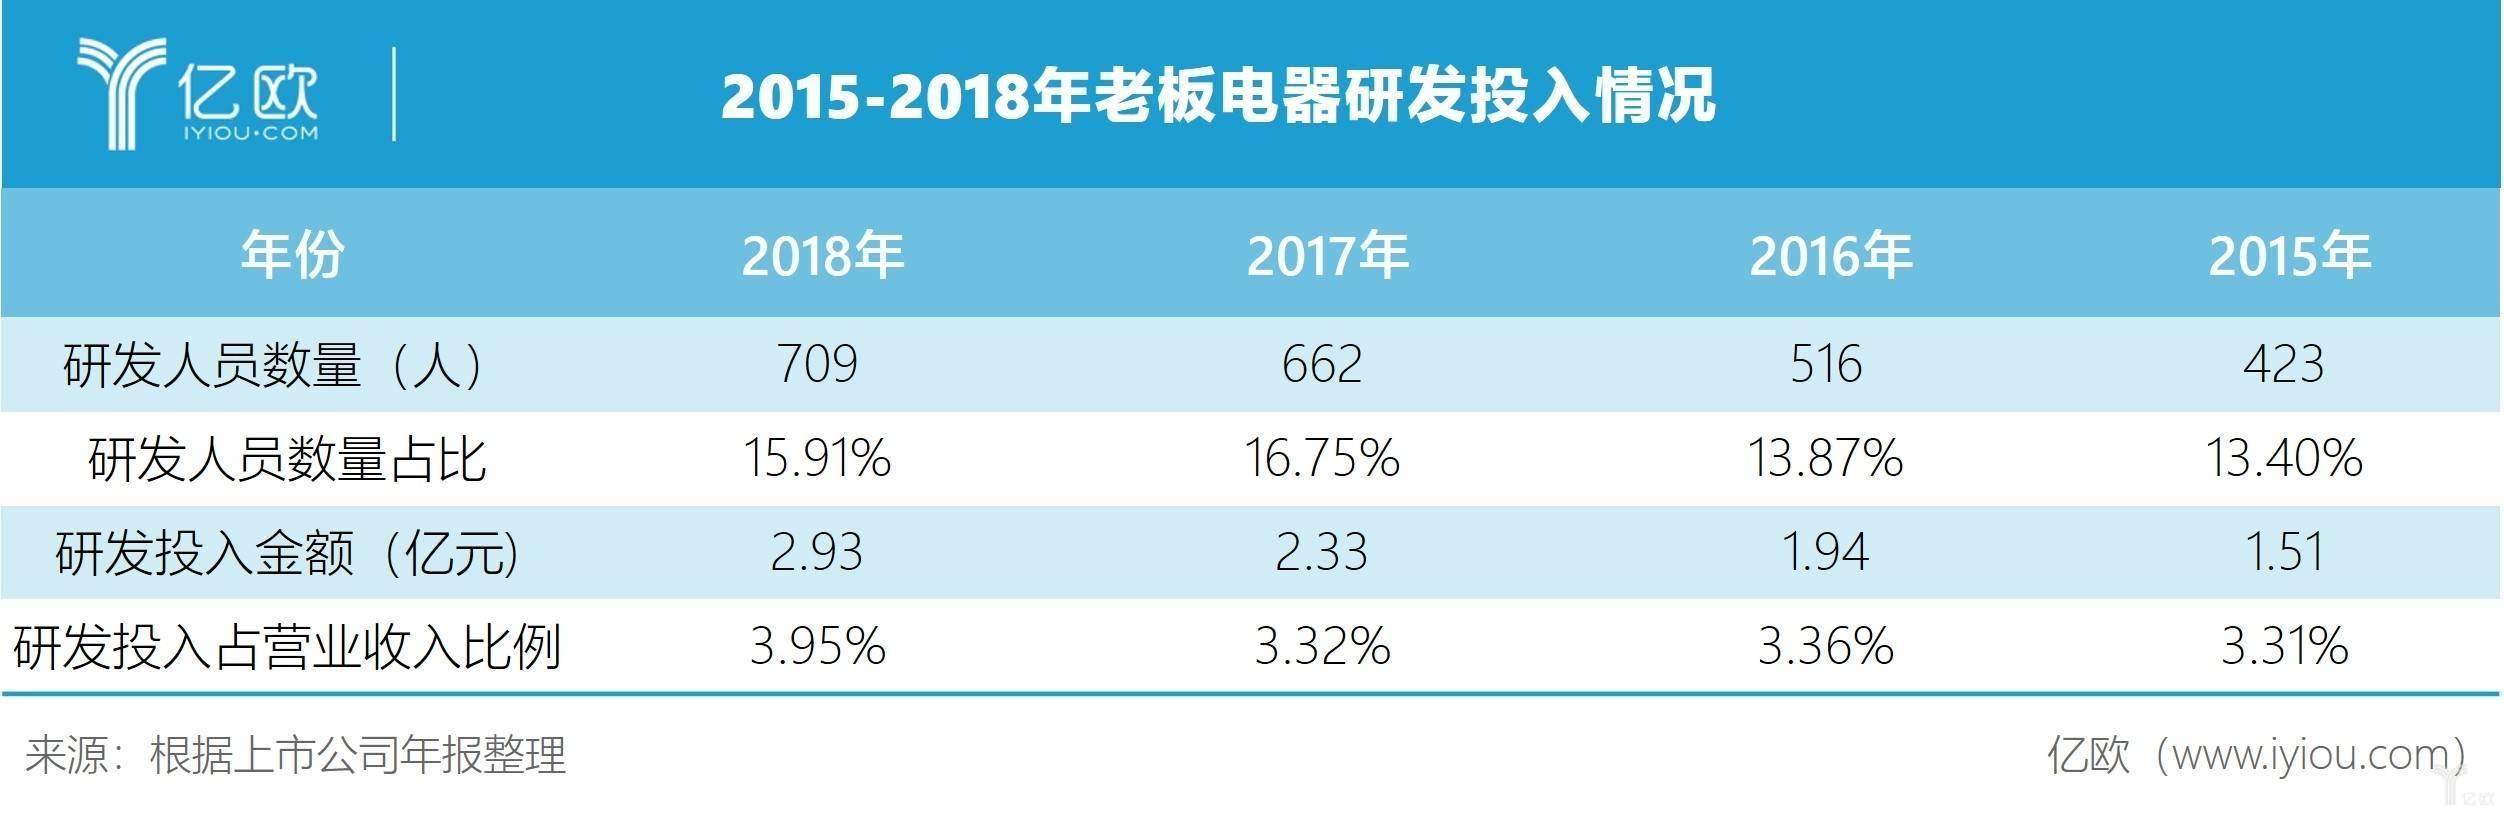 2015-2018年老板电器研发投入情况